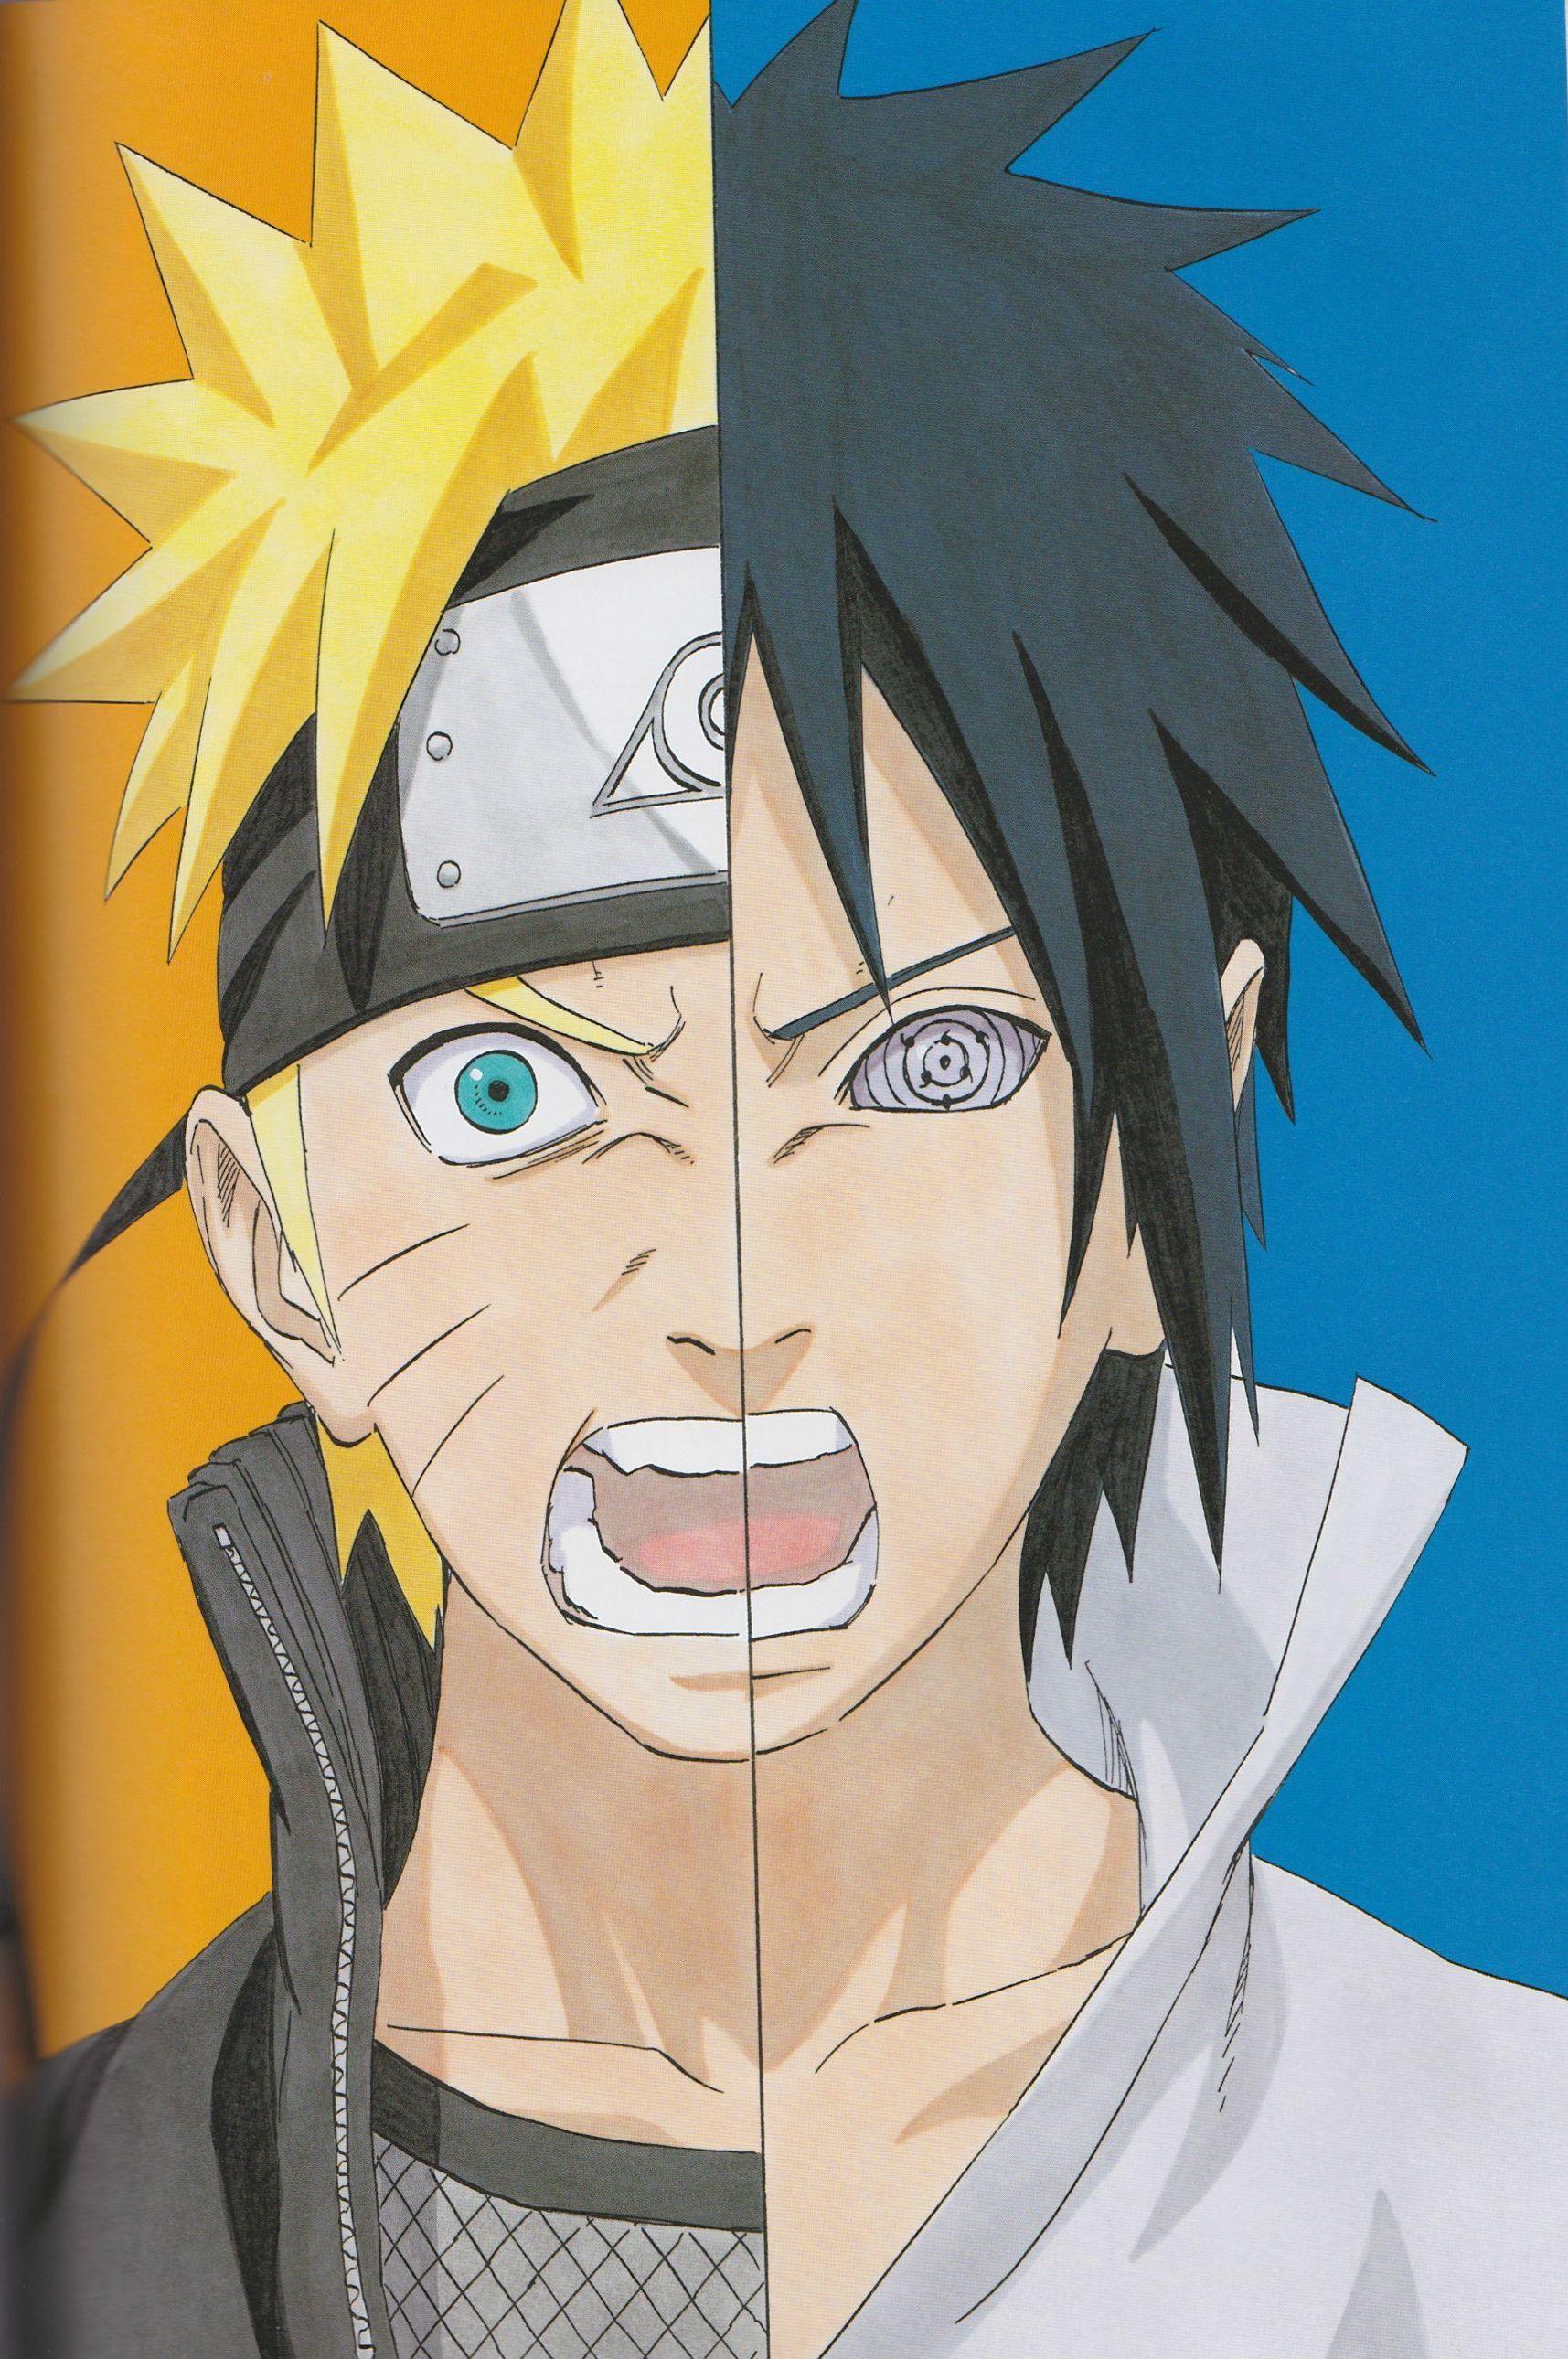 Naruto Sasuke Com Imagens Naruto Manga Colorido Desenho De